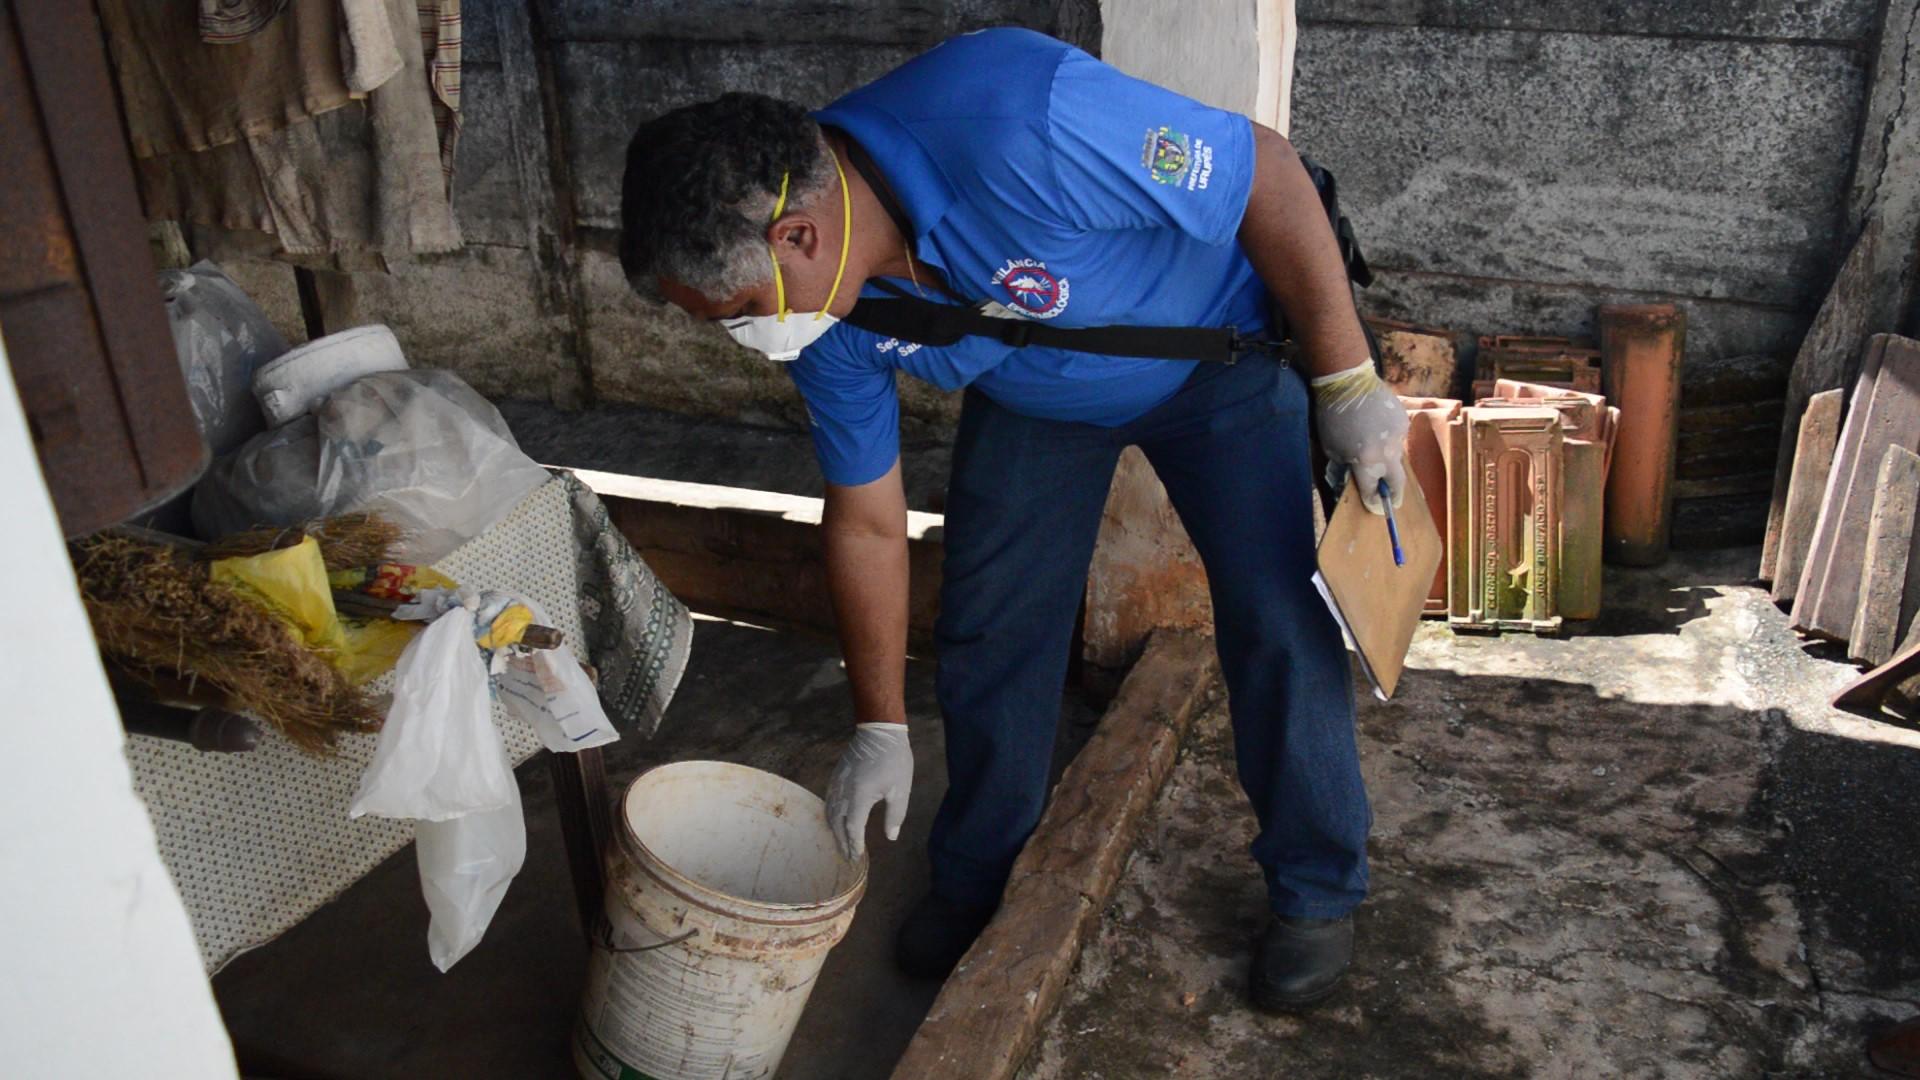 Ação de visitas residenciais dos profissionais da Vigilância Epidemiológica de Urupês - Imagem: Henrique Alonso Camilo